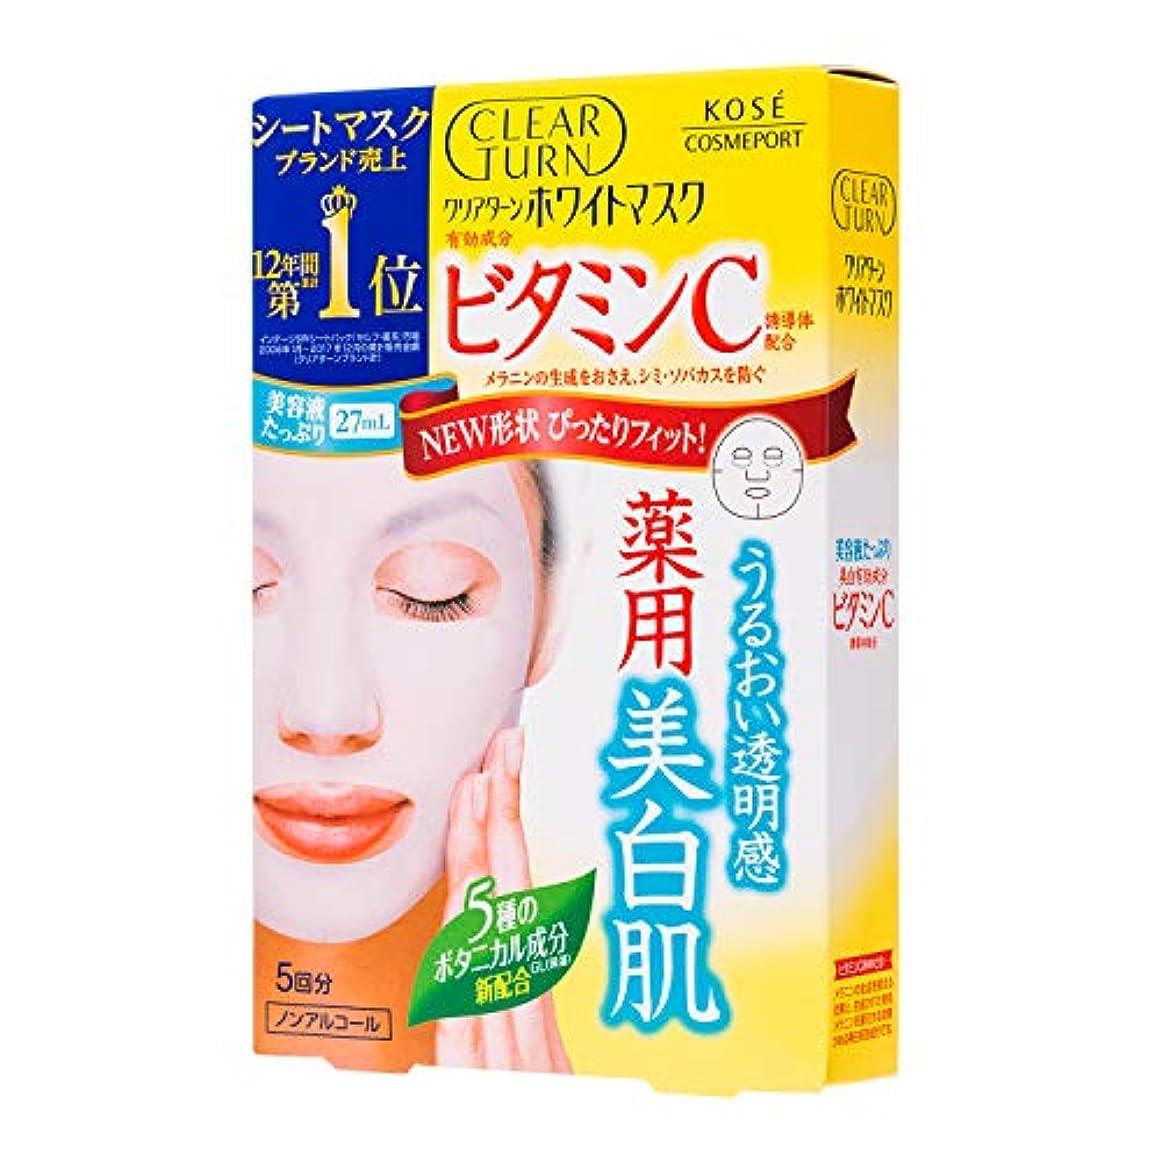 王朝集中適度にKOSE クリアターン ホワイト マスク VC c (ビタミンC) 5回分 (22mL×5)